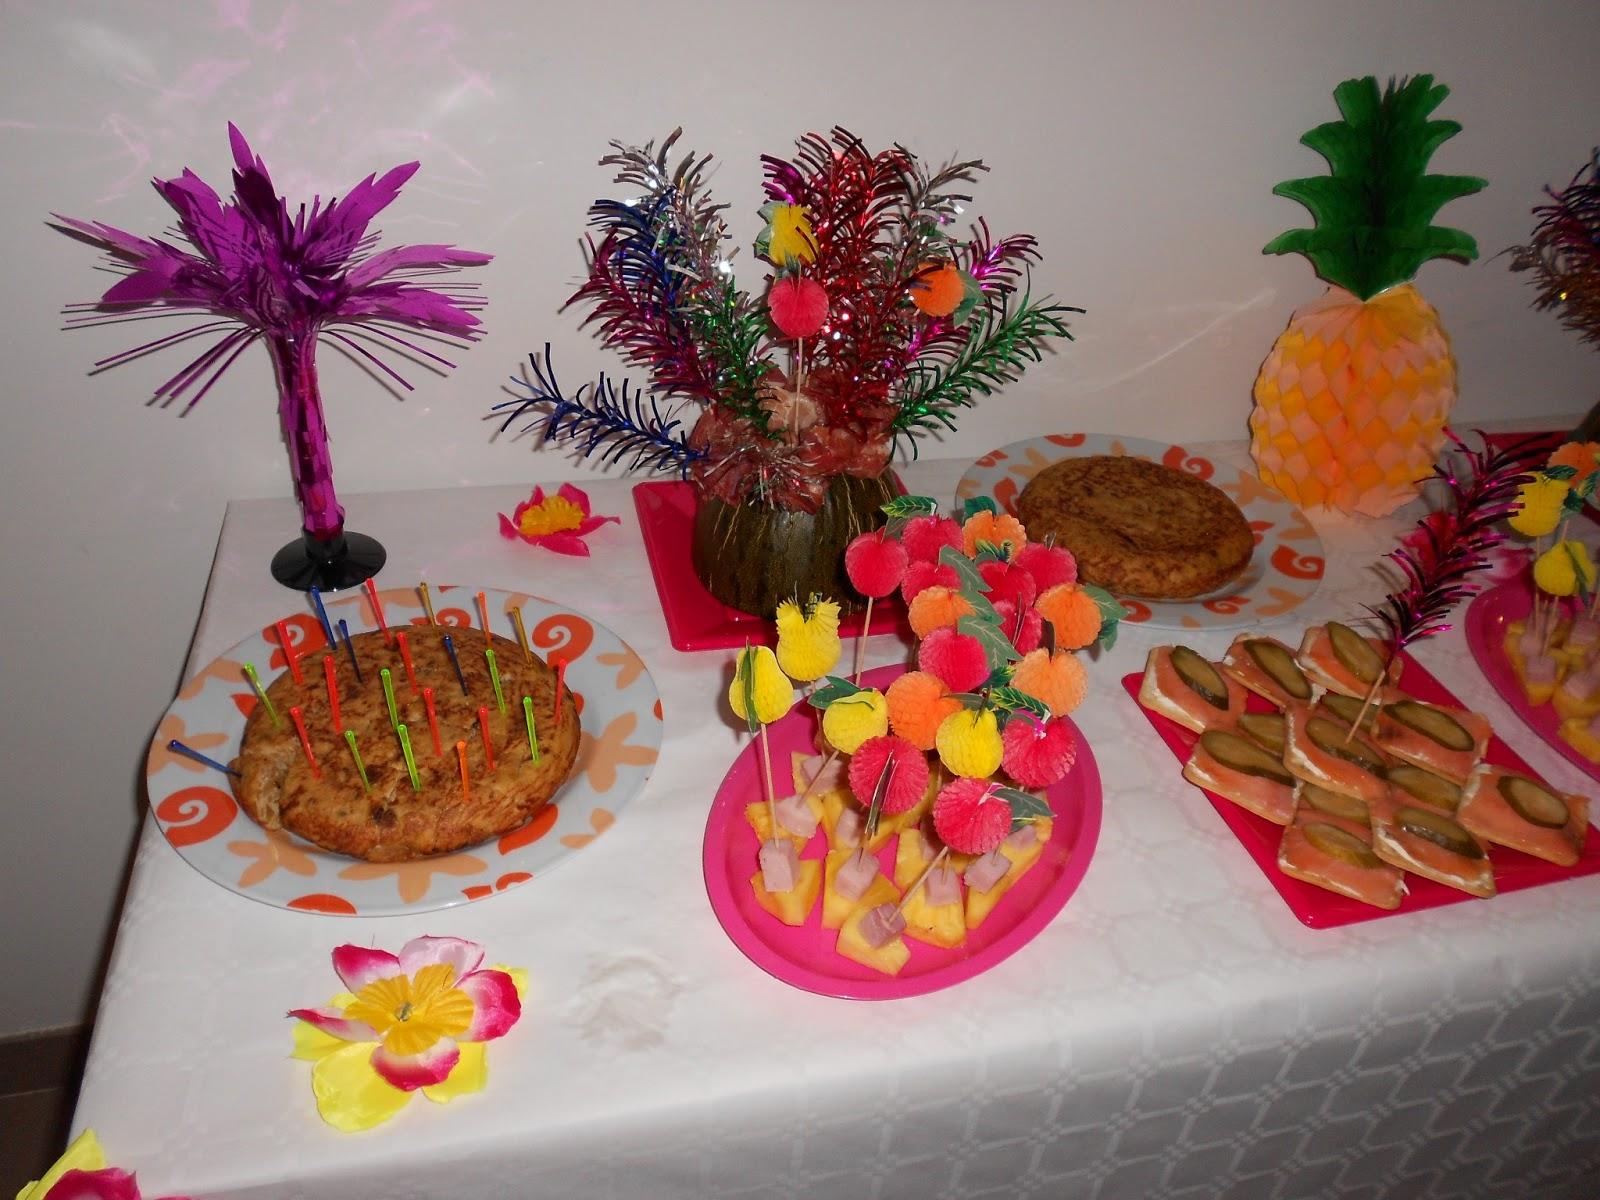 decoracion hawaiana para cumpleaos de invitacin que la vestimenta debe de ser ropa camisetas de colores